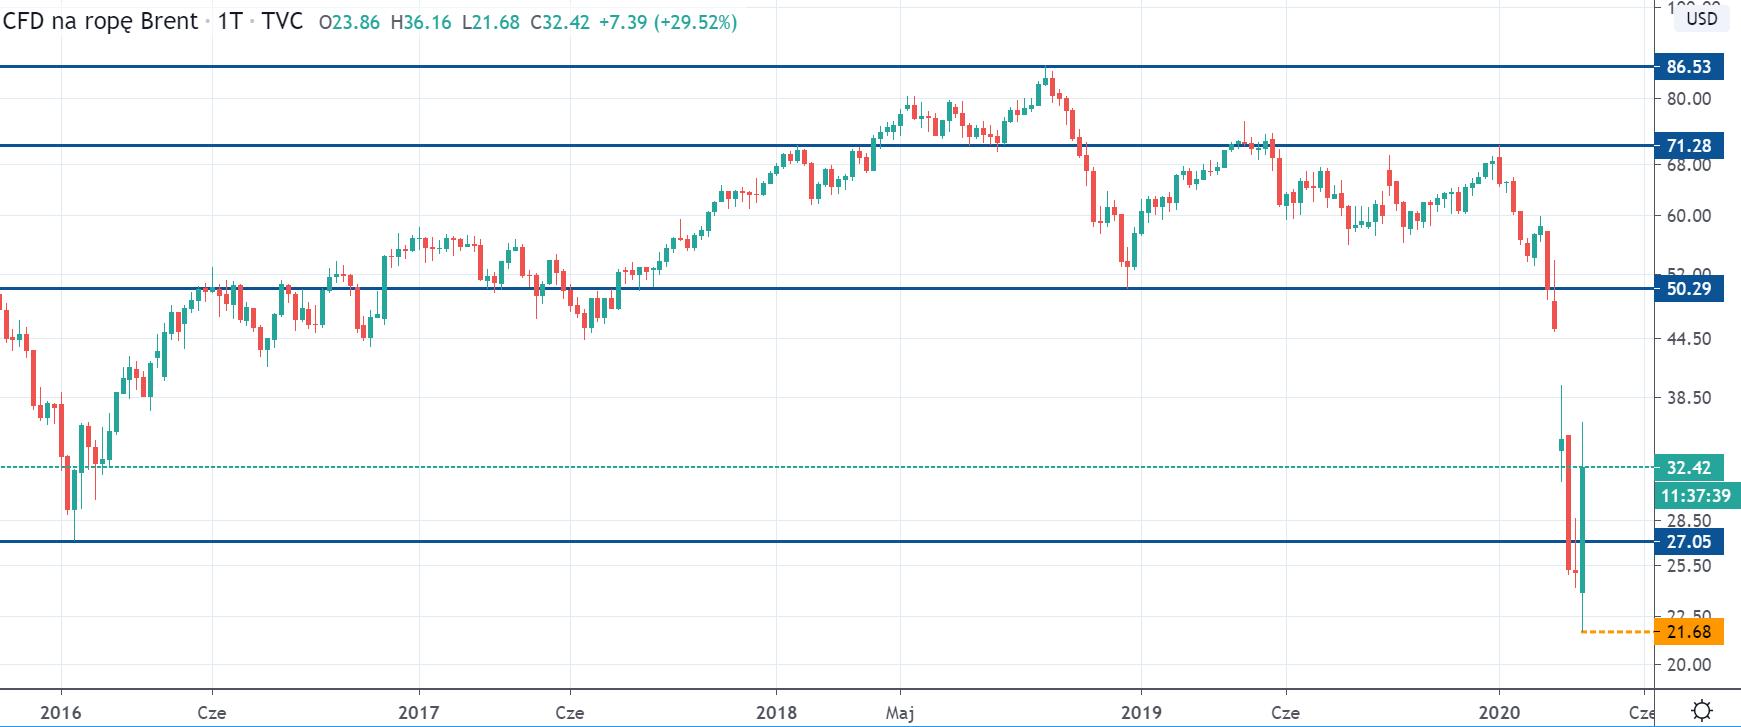 Kurs ropy Brent na interwale tygodniowym, tradingviewcom